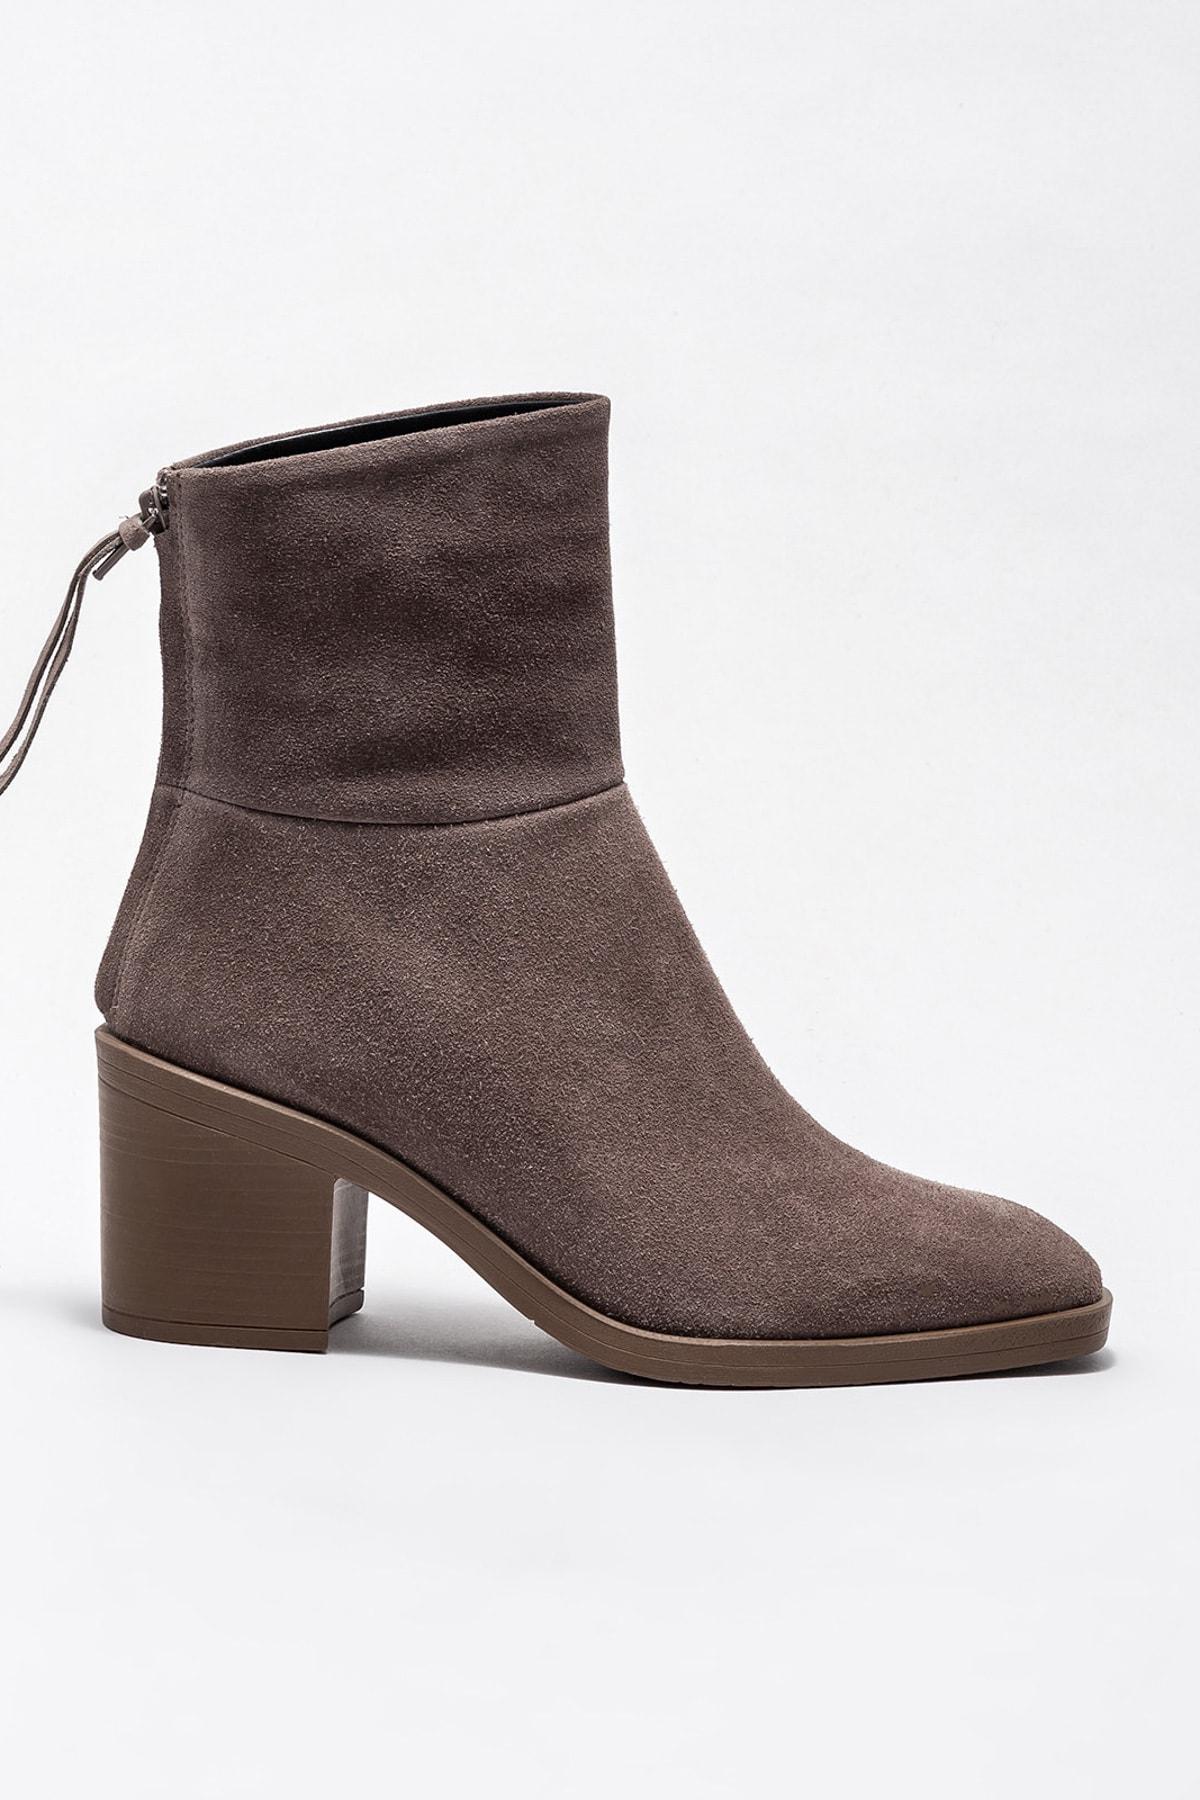 Elle Shoes Bot & Bootie WAYLON 20KDS59201 1